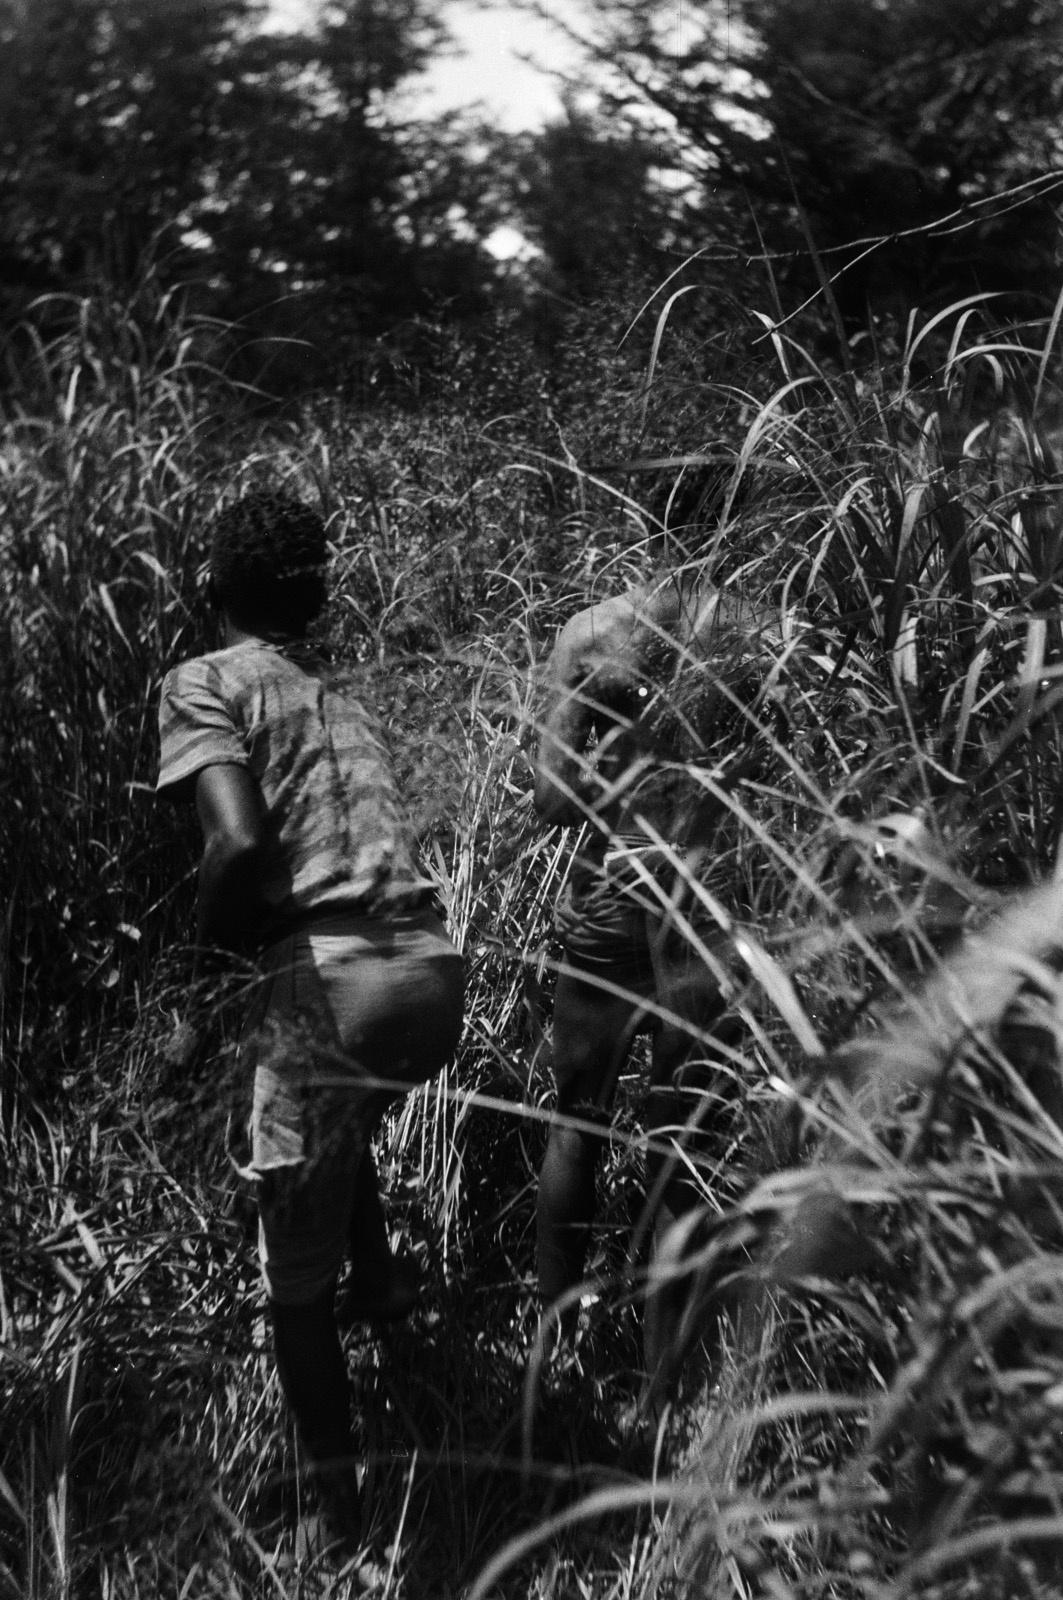 Между Капири Мпоши и рекой Лунсемфва. Юноша в зарослях тростника вдоль дороги